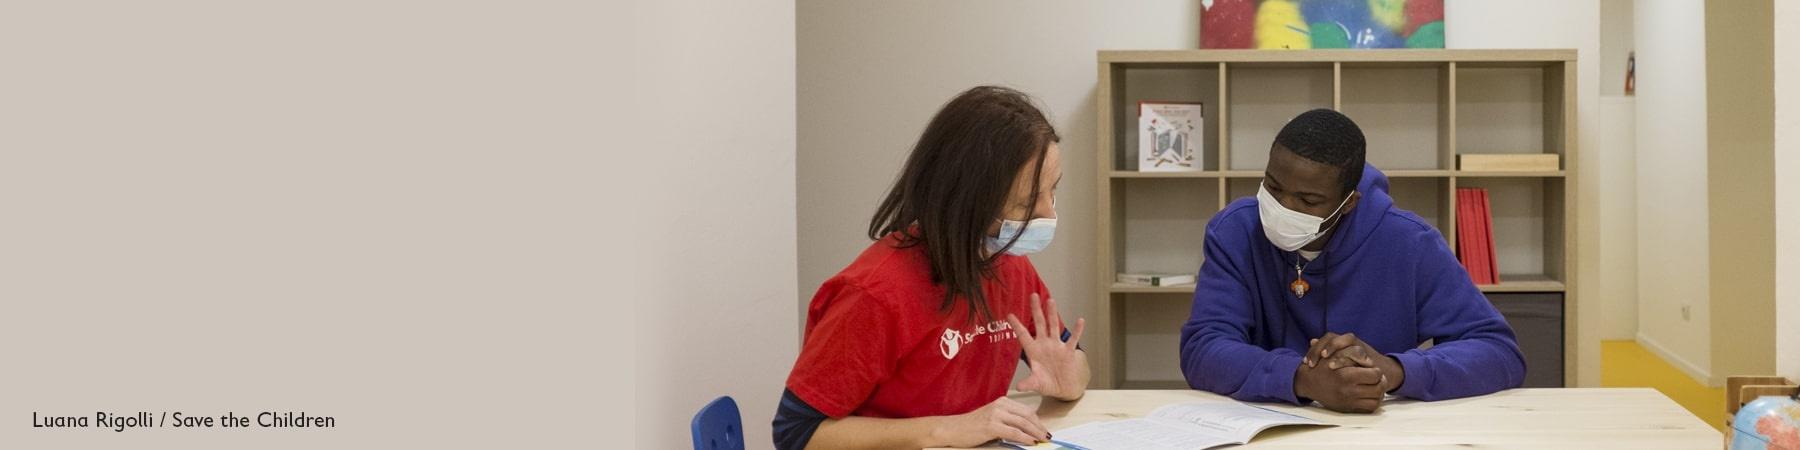 seduti a un tavolo, indossando le mascherine, un operatrice di Save the Children con maglietta rossa e un ragazzo con maglioncino blu guardano insieme degli esercizi su un foglio